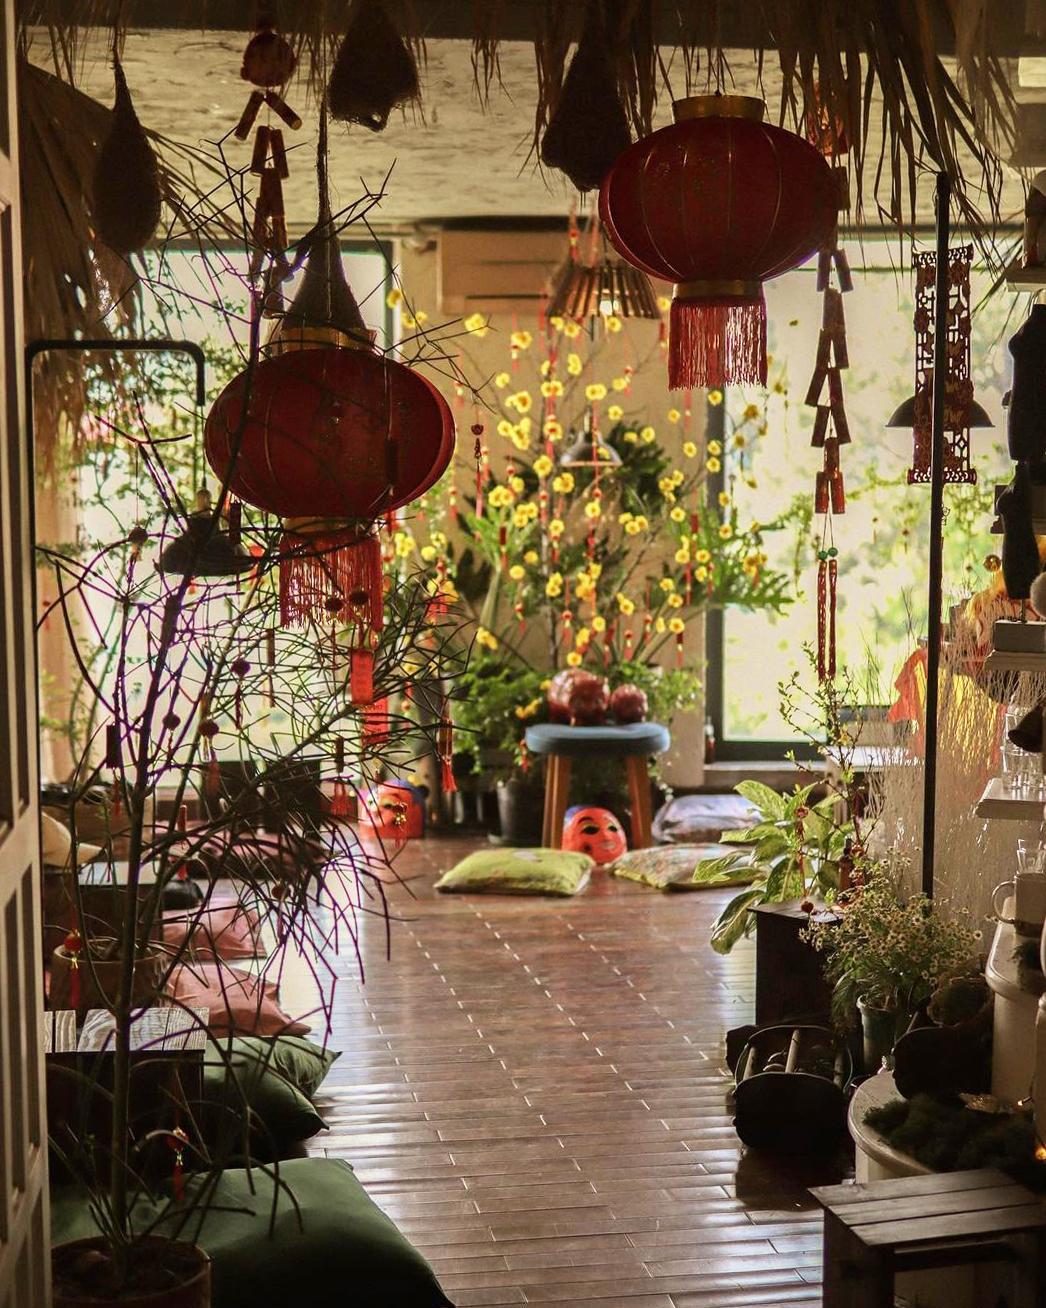 Một địa chỉ gợi ý khác là Mơ Đi Hội trên lầu 4 của chung cư 145 Nguyễn Trãi (quận 1). Trong dịp Tết Nguyên Đán năm nay, quán treo những câu liễn nhỏ lên các cành cây, ngoài ra còn có thêm đèn lồng, đầu lân cho phù hợp với không khí. Ảnh: Mơ Đi Hội